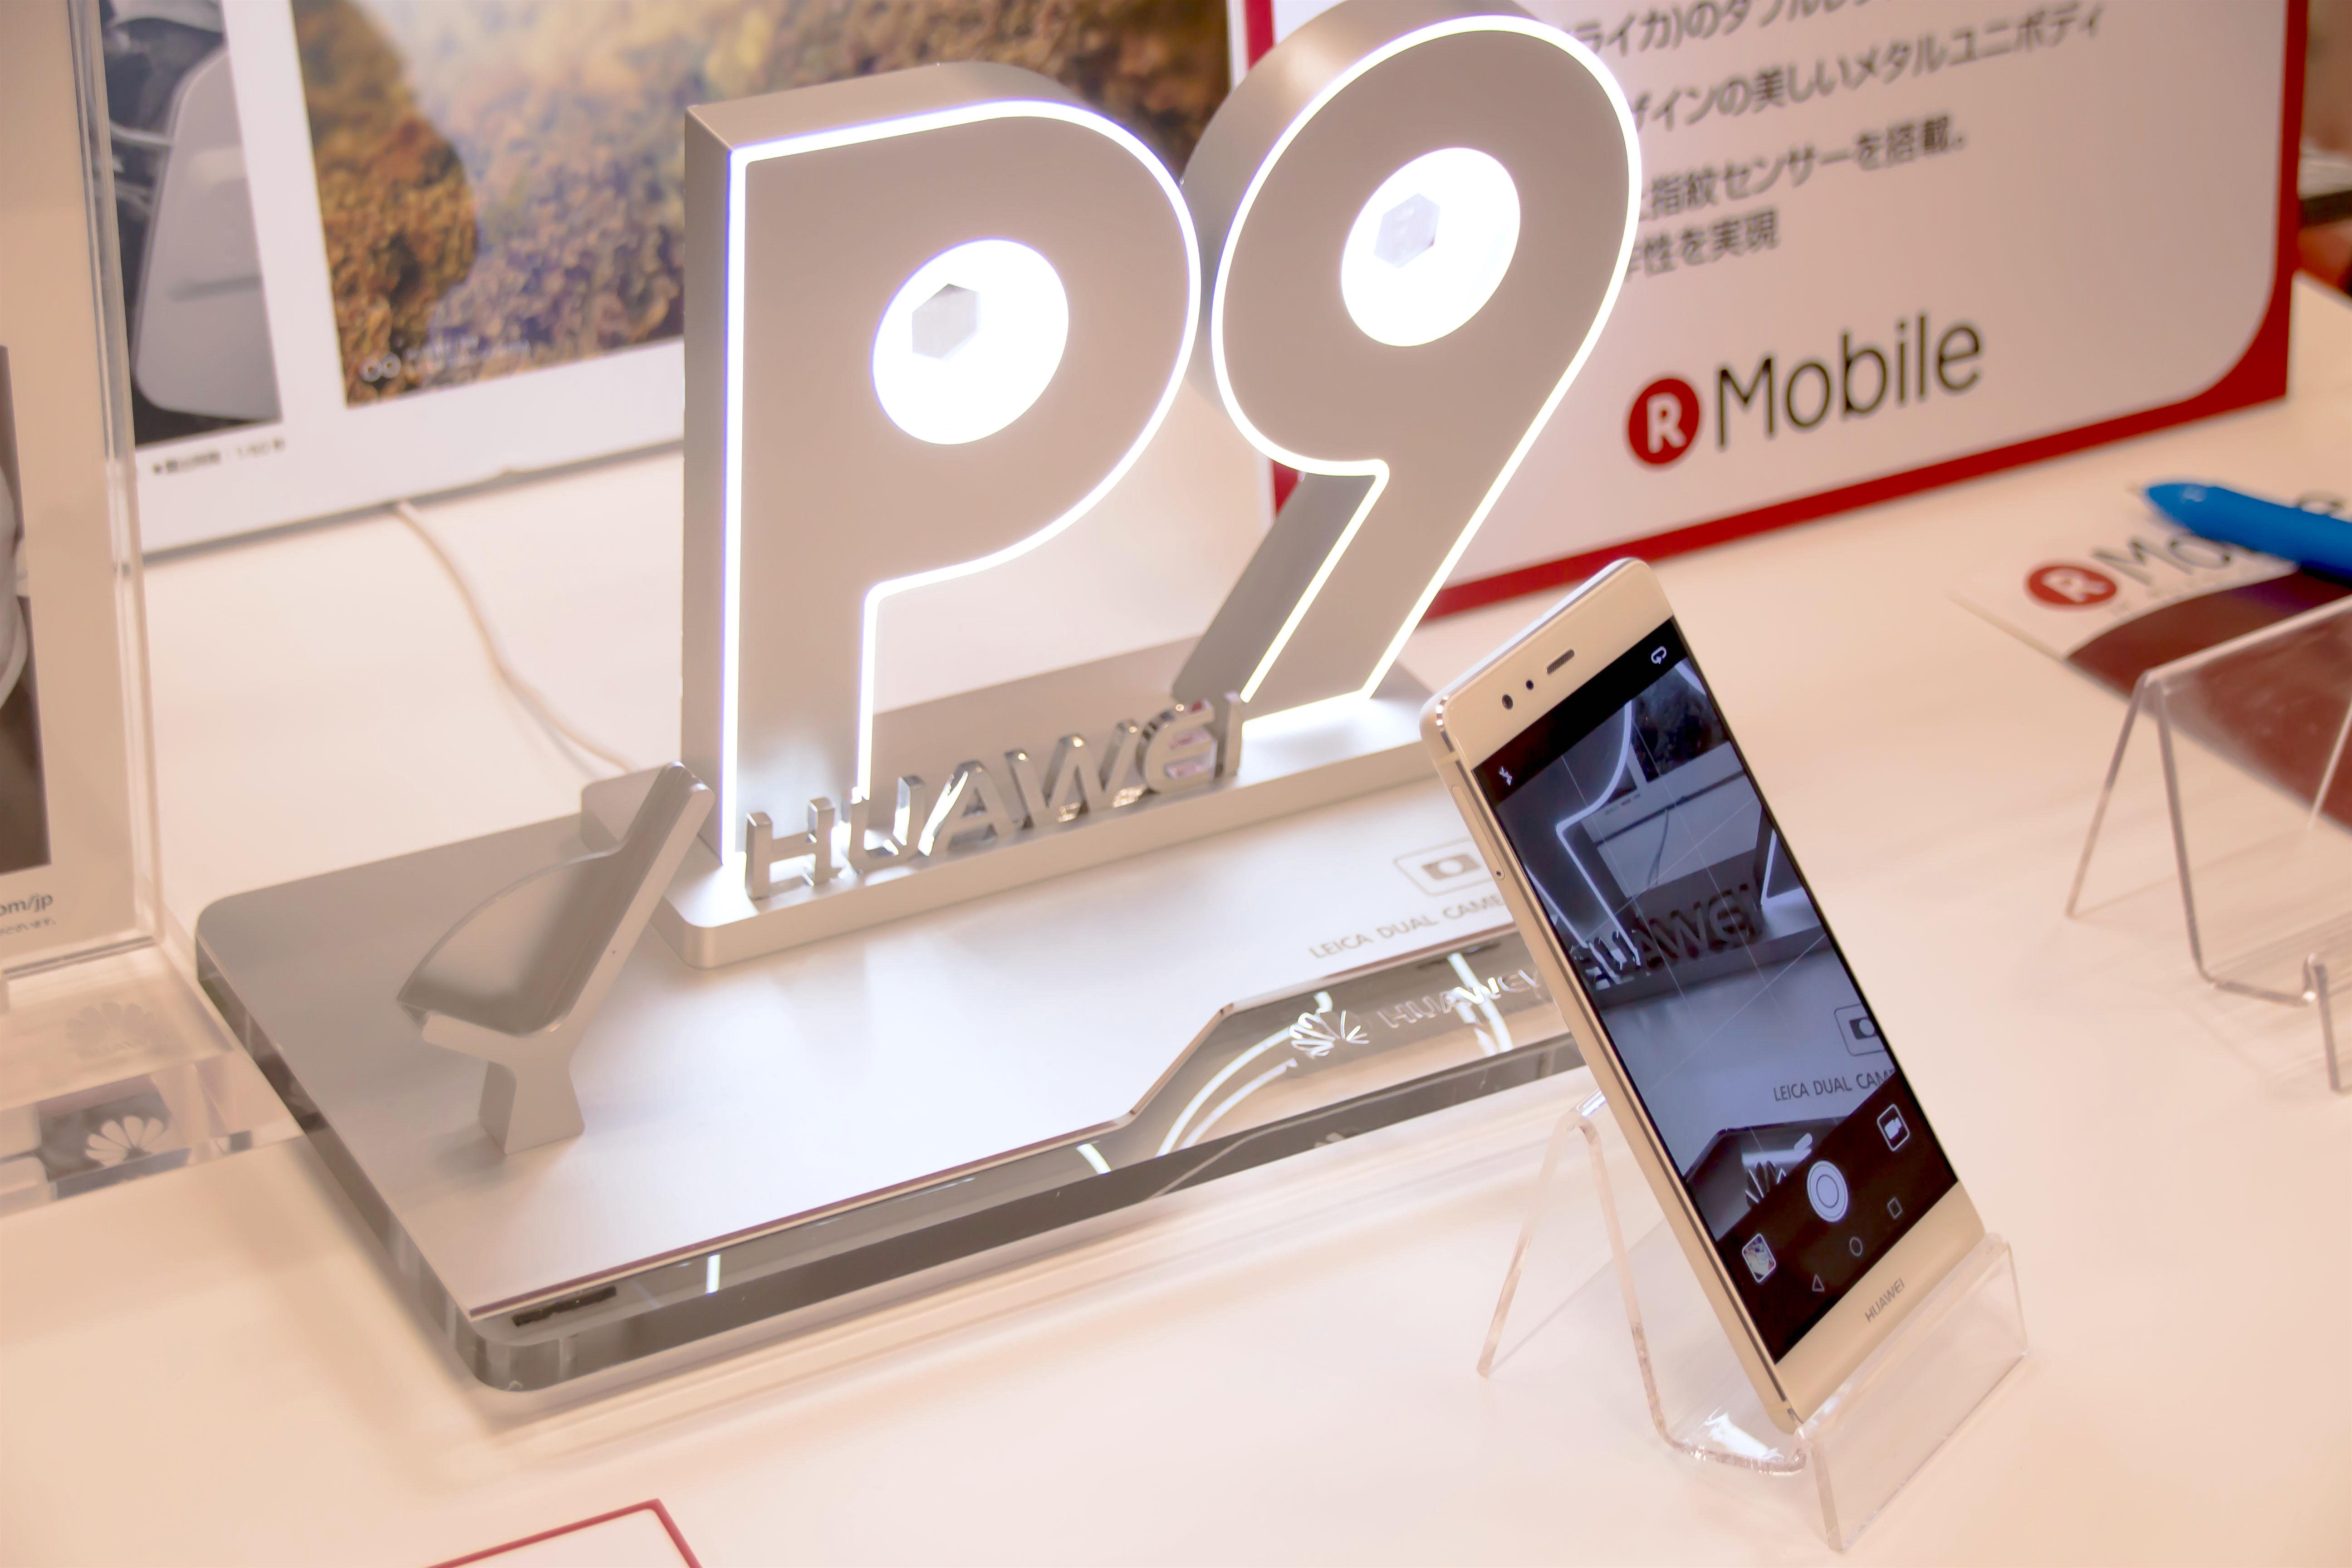 1万円台のコスパ最強スマホからHUAWEI P9まで。楽天モバイル2016年夏モデルタッチ&トライレポート